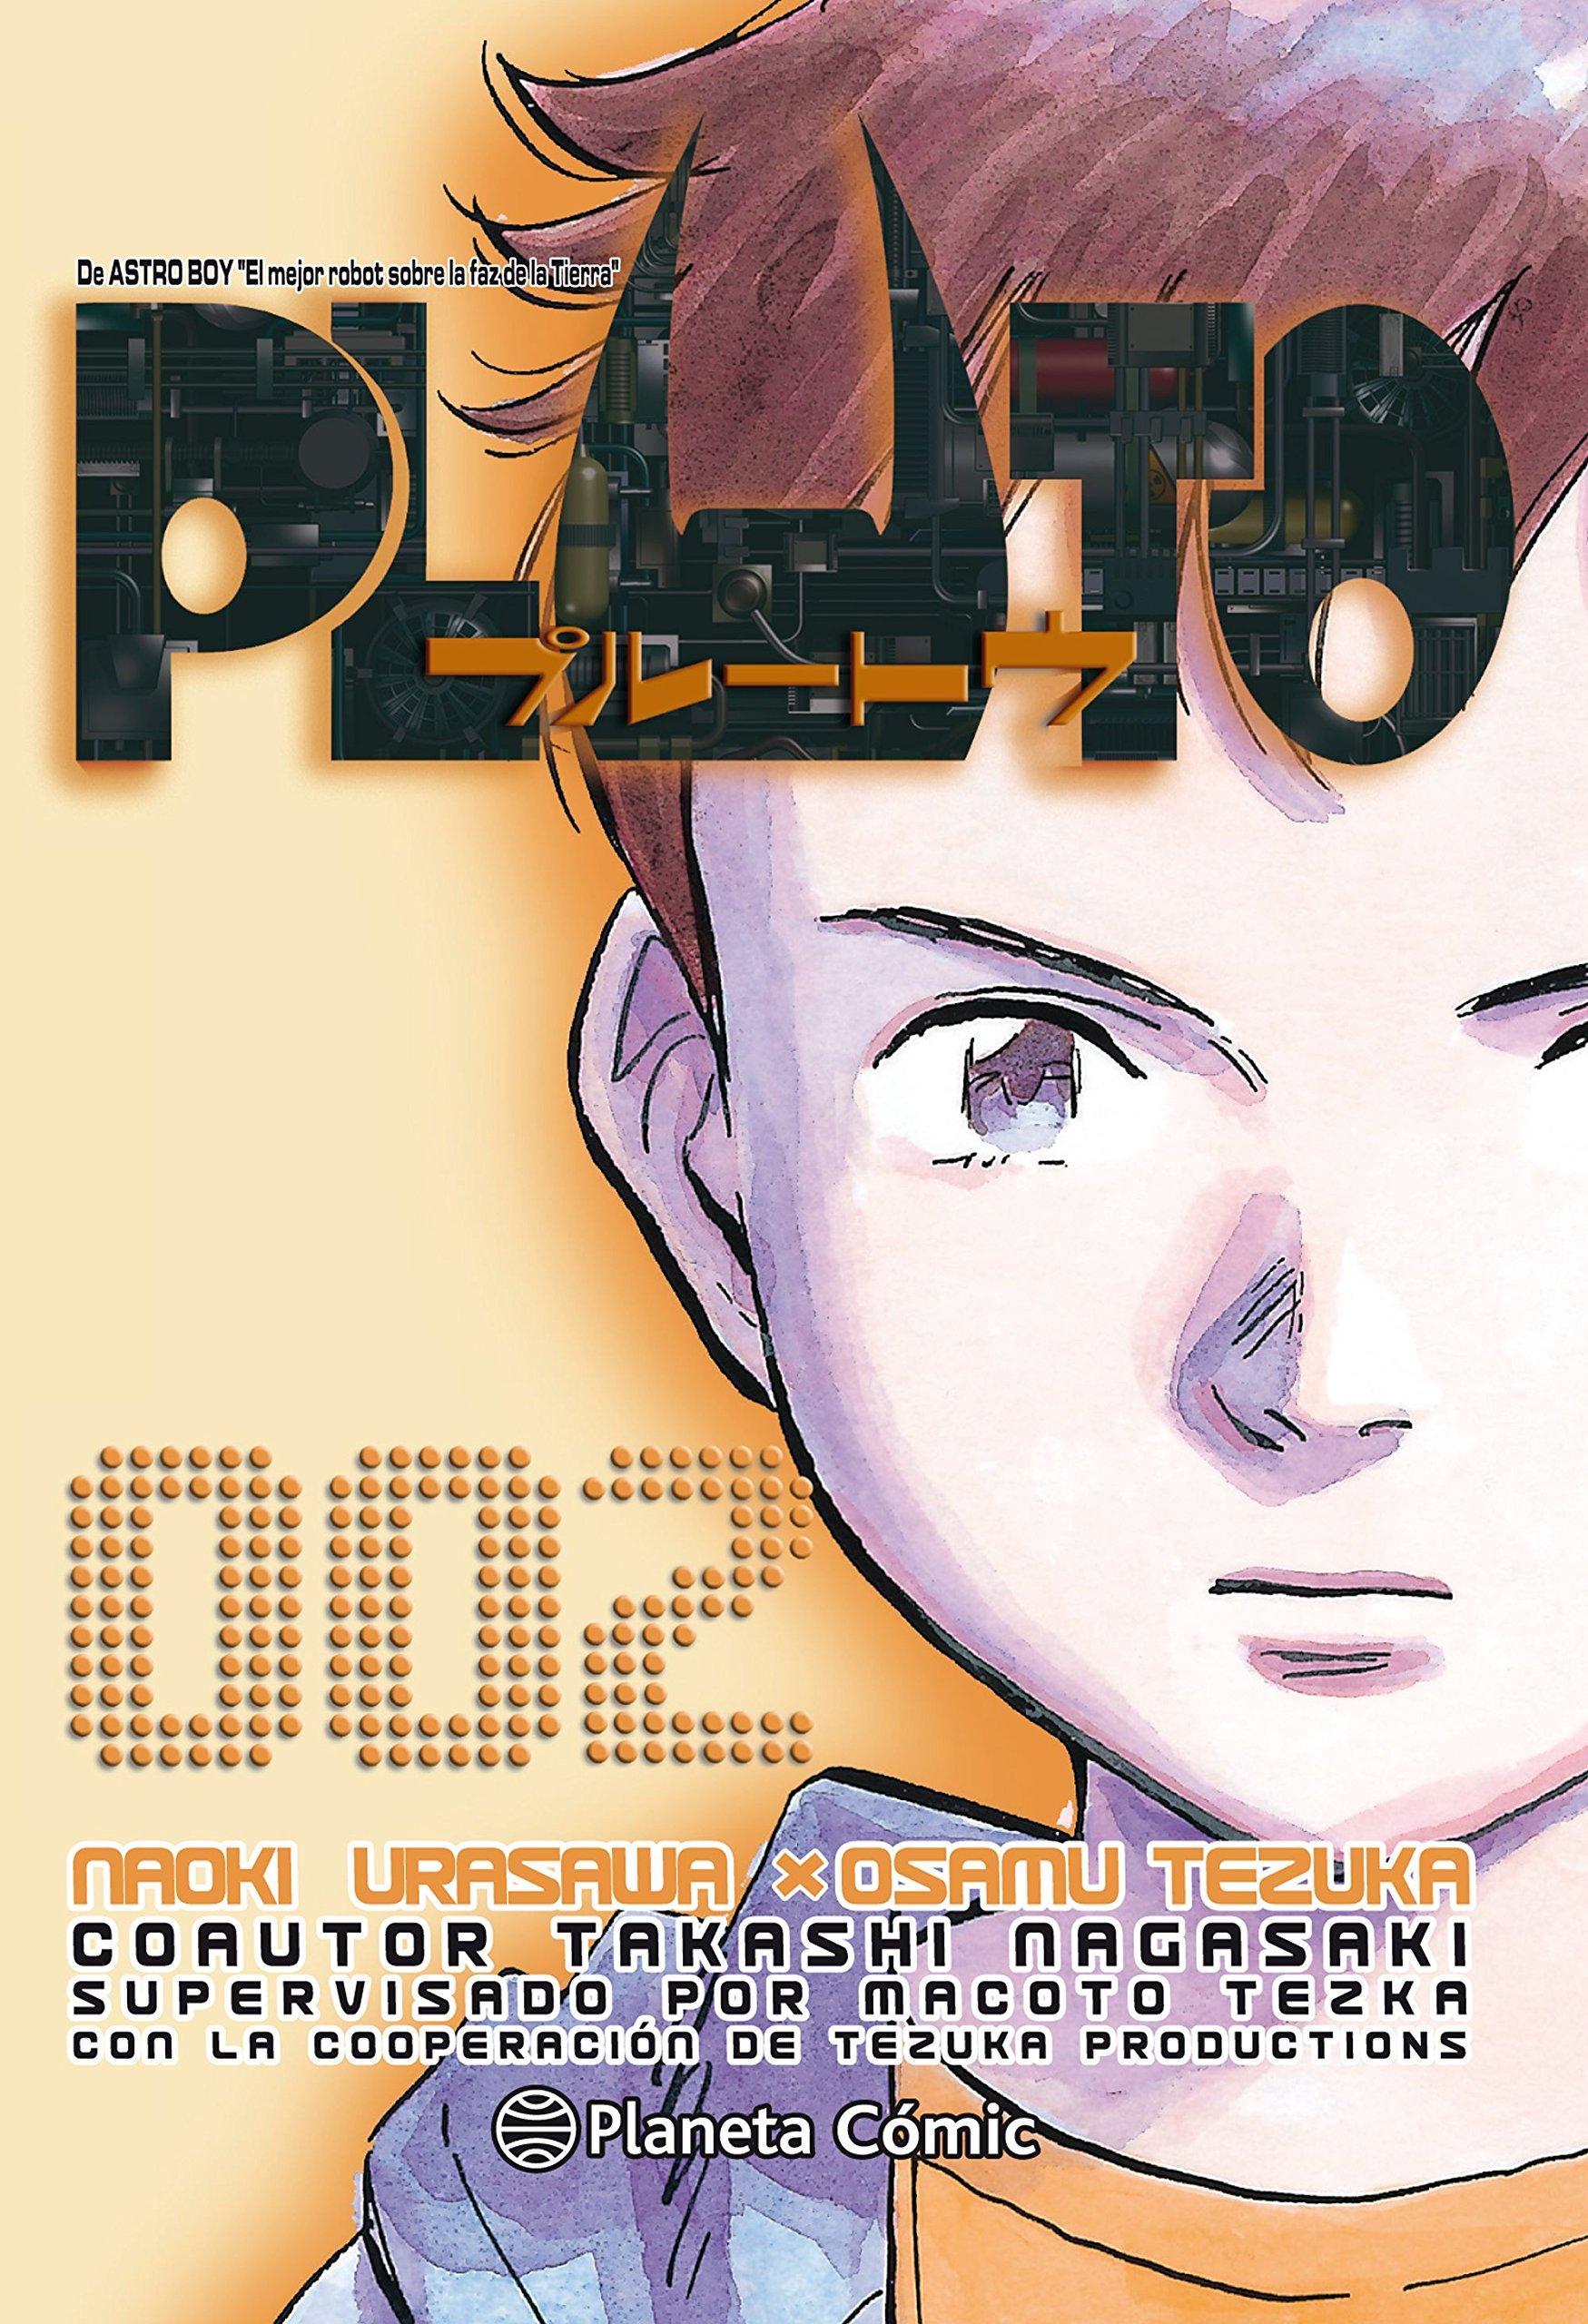 Pluto nº 02/08 (Nueva edición) (Manga Seinen): Amazon.es: Urasawa, Naoki, Tezuka, Osamu, Nagasaki, Takashi, Daruma: Libros